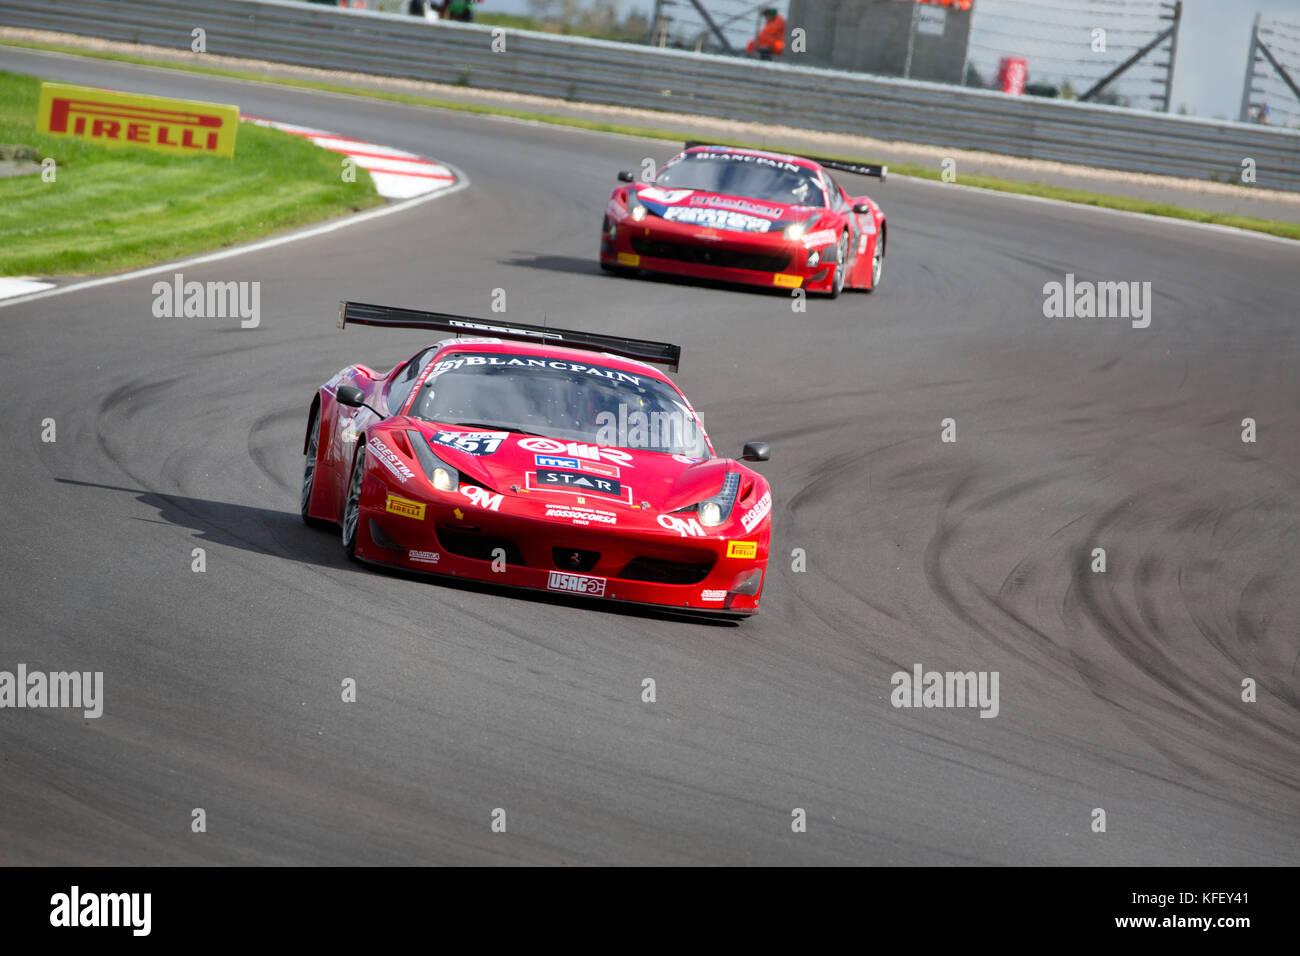 """Autos Ferrari 458 von Team """"AF Corse in der FIA GT1 Europameisterschaft auf dem Track """"Moskau Raceway"""" Stockbild"""